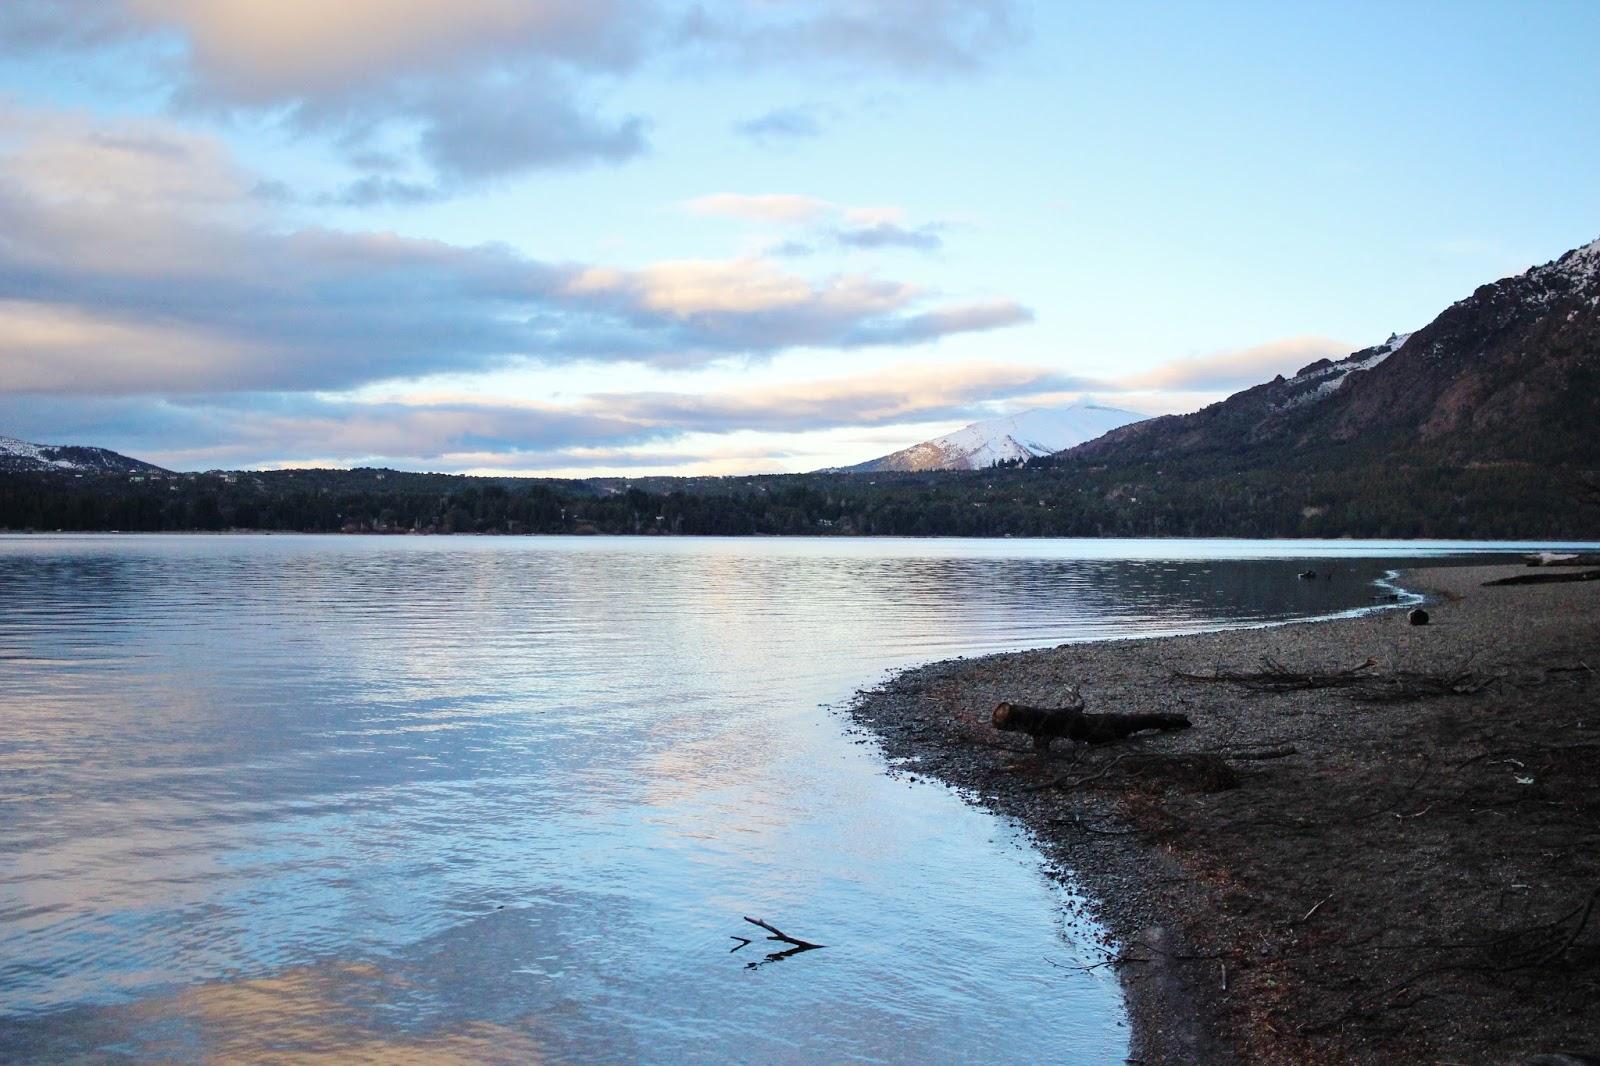 lago gutierrez turismo